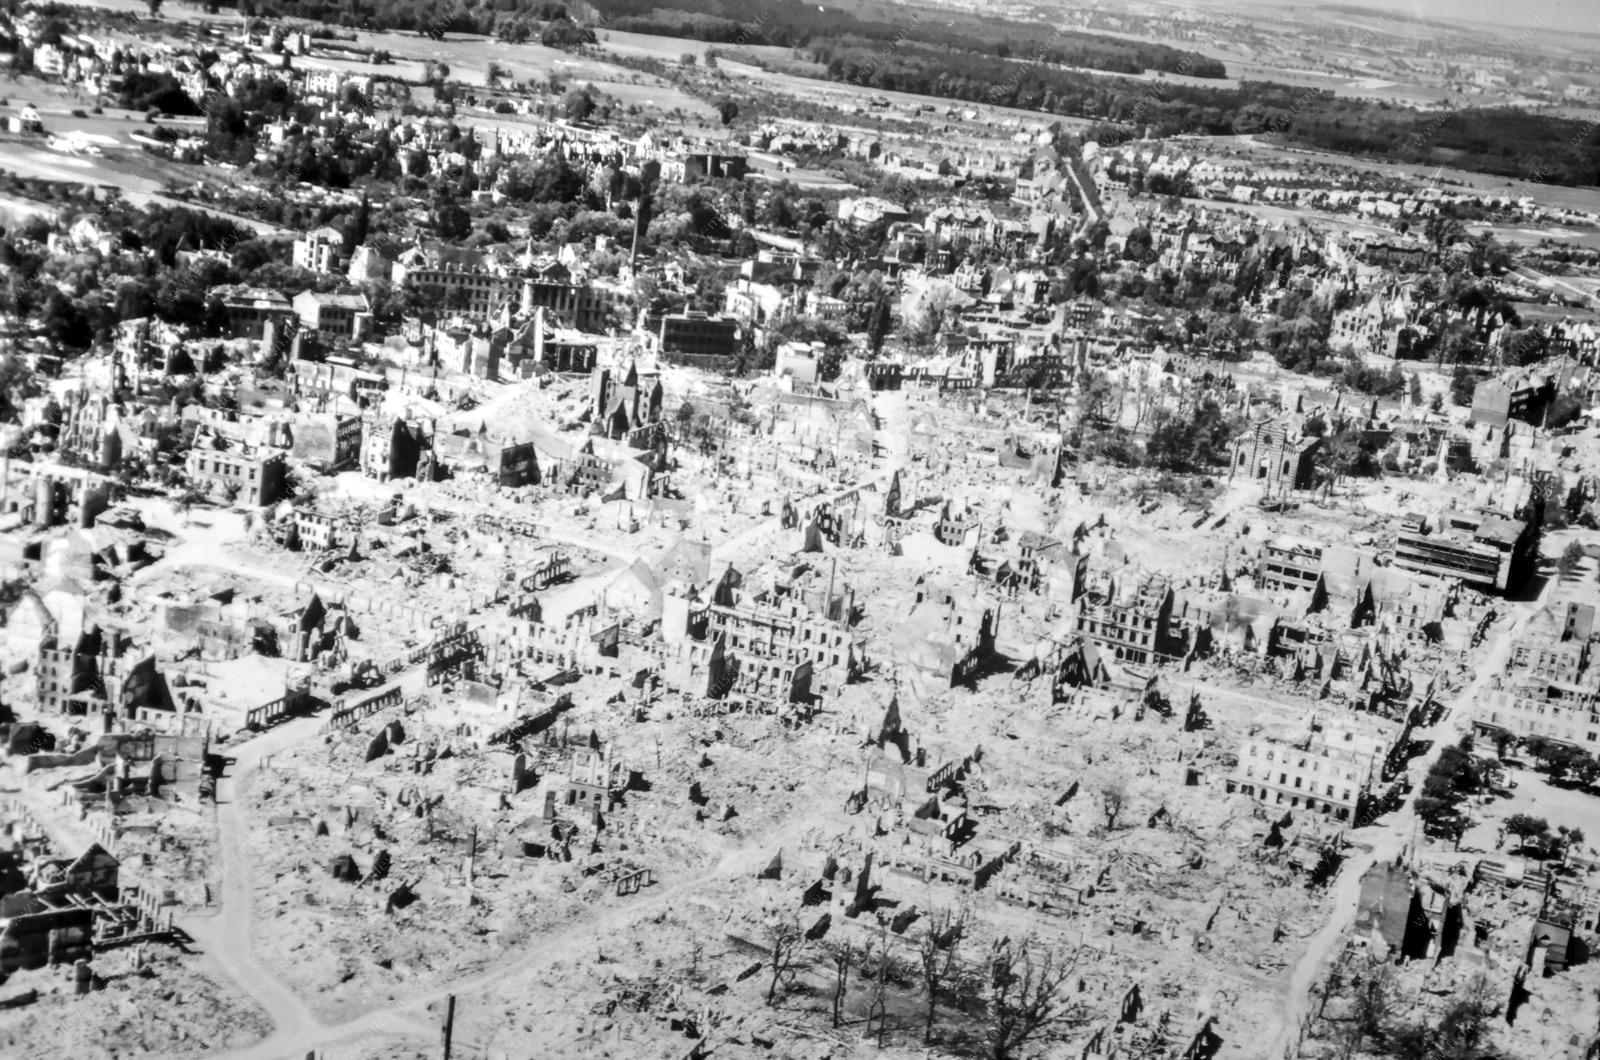 Hanau und seine nach Fliegerbomben im Zweiten Weltkrieg völlig zerstörte Altstadt